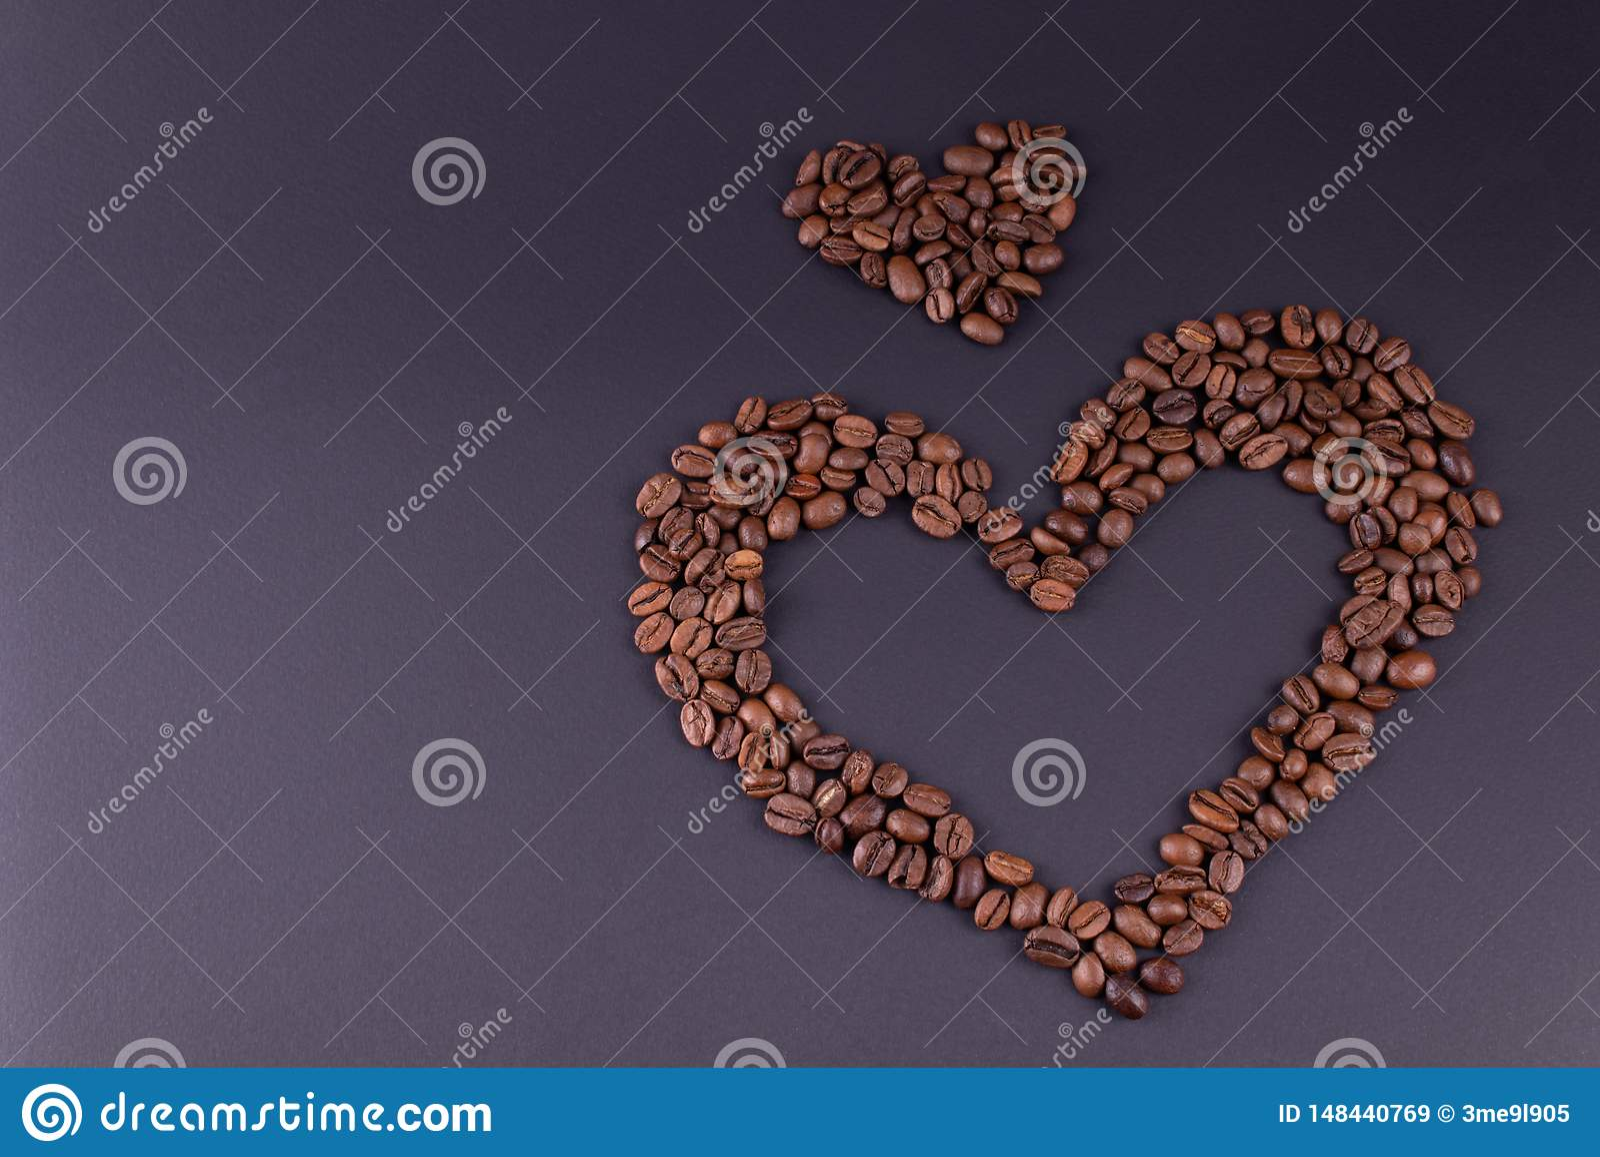 Zwei Herzen, die vom Kaffee gezeichnet werden, werden auf der rechten Seite der Mitte des Hintergrundes errichtet